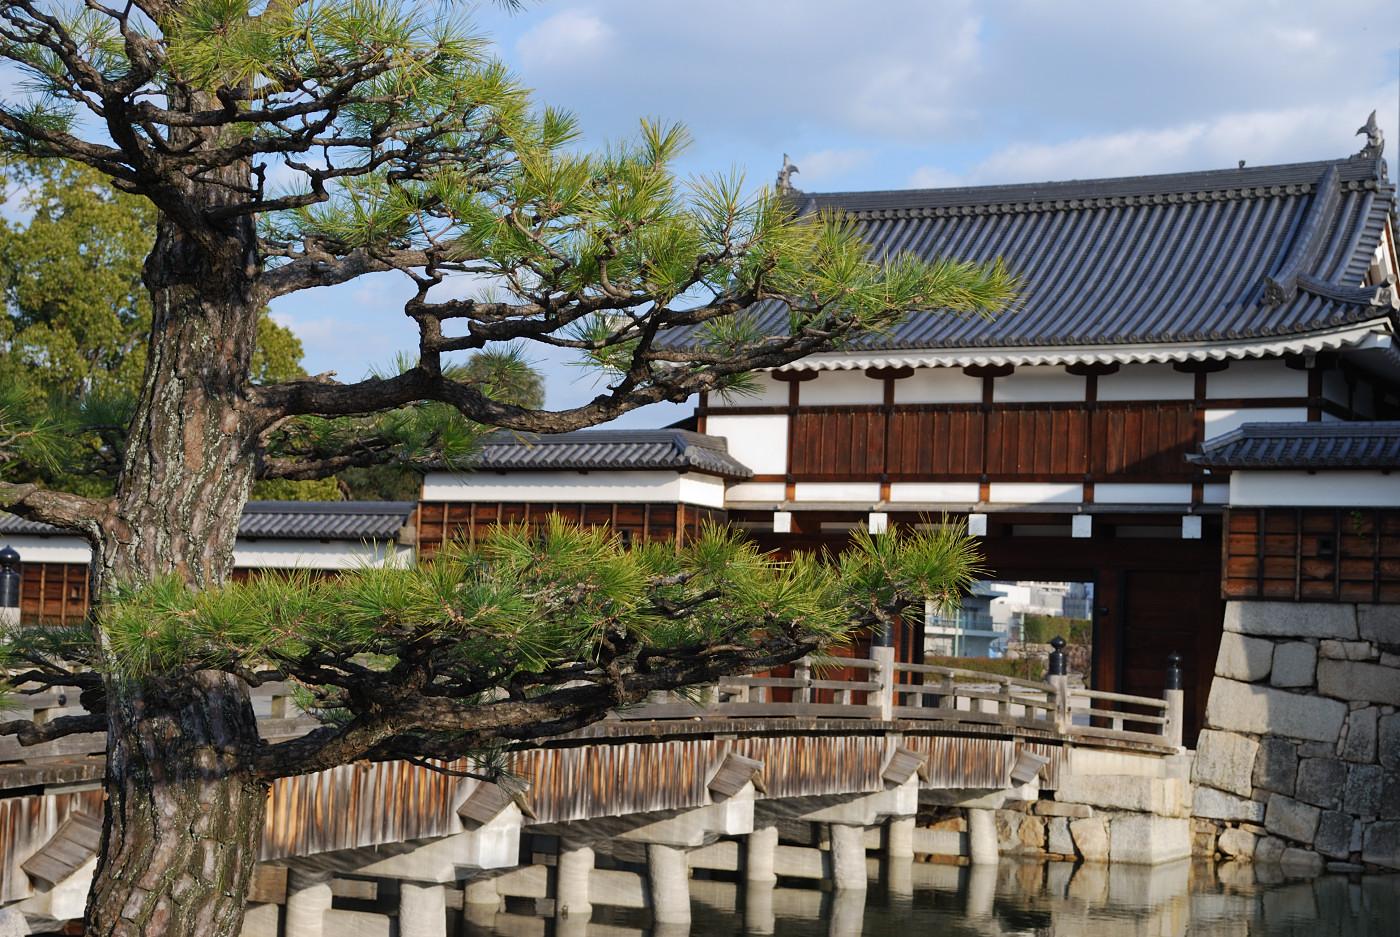 広島城の堀を渡る橋です